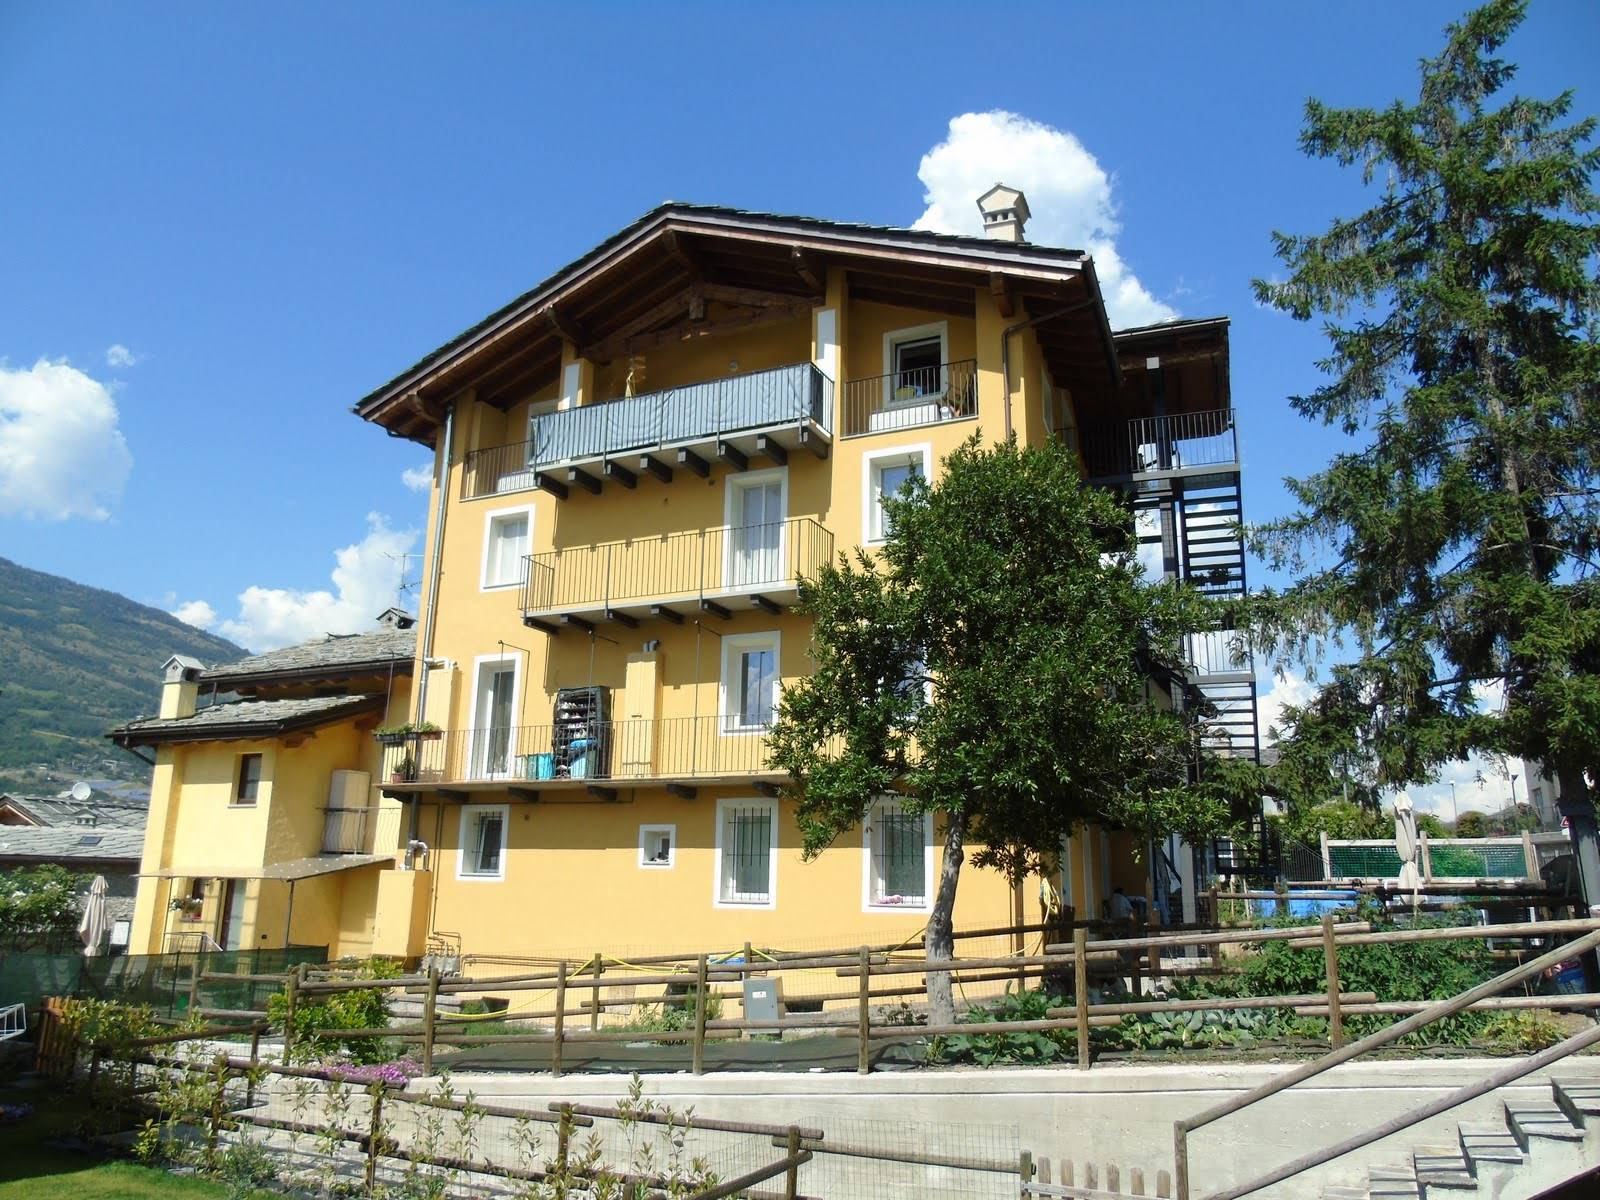 Soluzione Indipendente in affitto a Gressan, 3 locali, prezzo € 580 | PortaleAgenzieImmobiliari.it